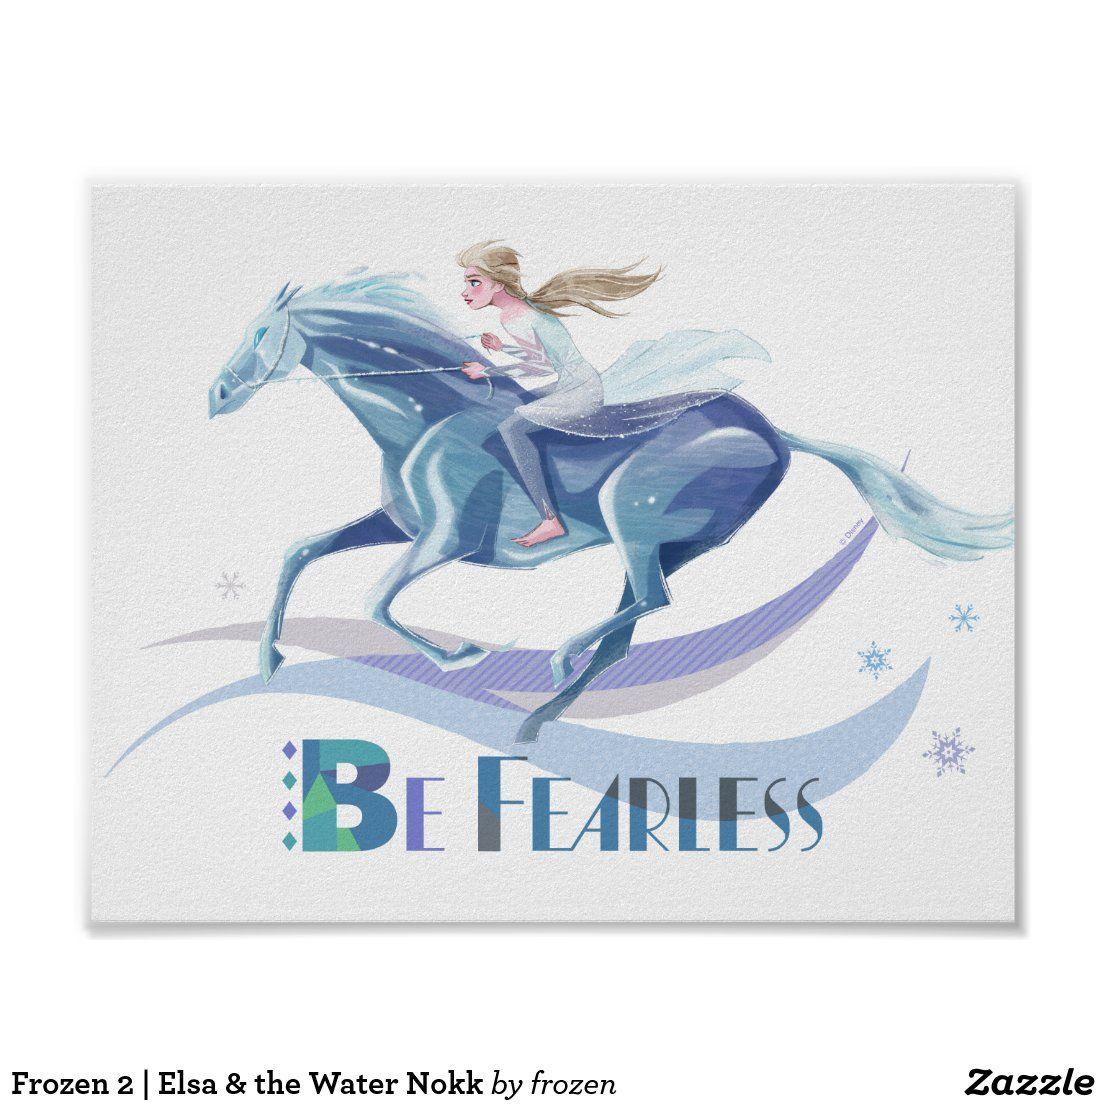 Frozen 2 Elsa The Water Nokk Poster Zazzle Com Disney Posters Canvas Prints Vintage Disney Posters